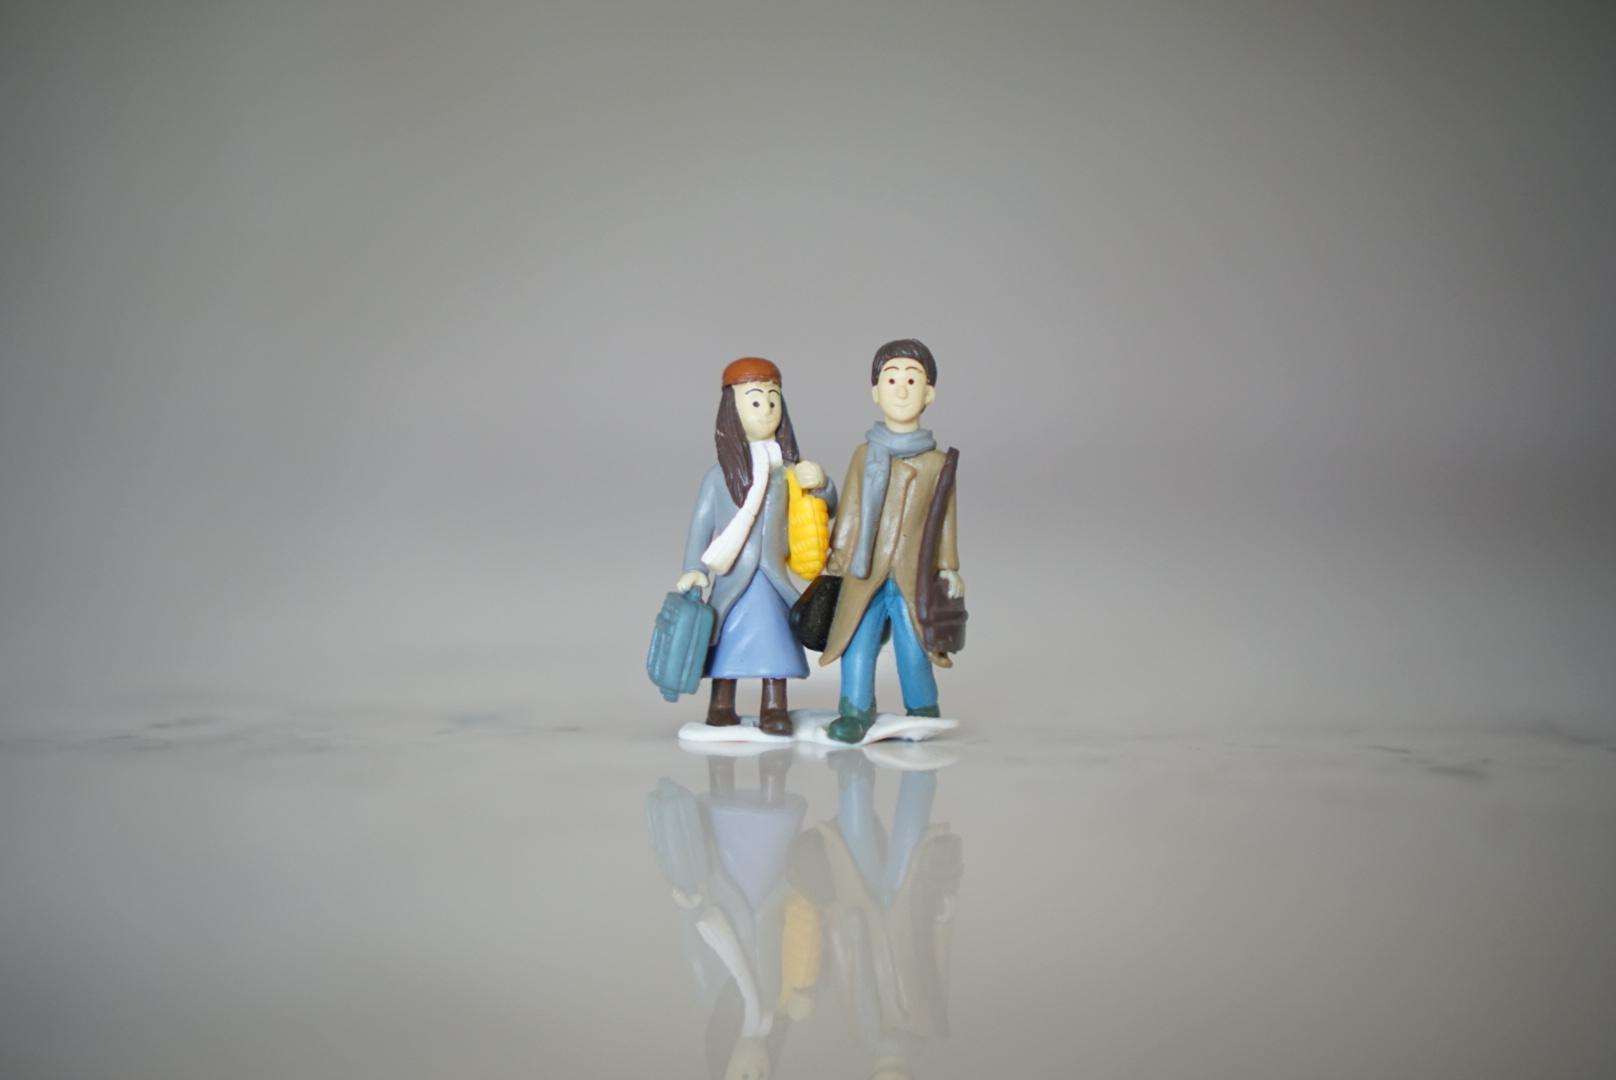 คู่รักเดินทาง